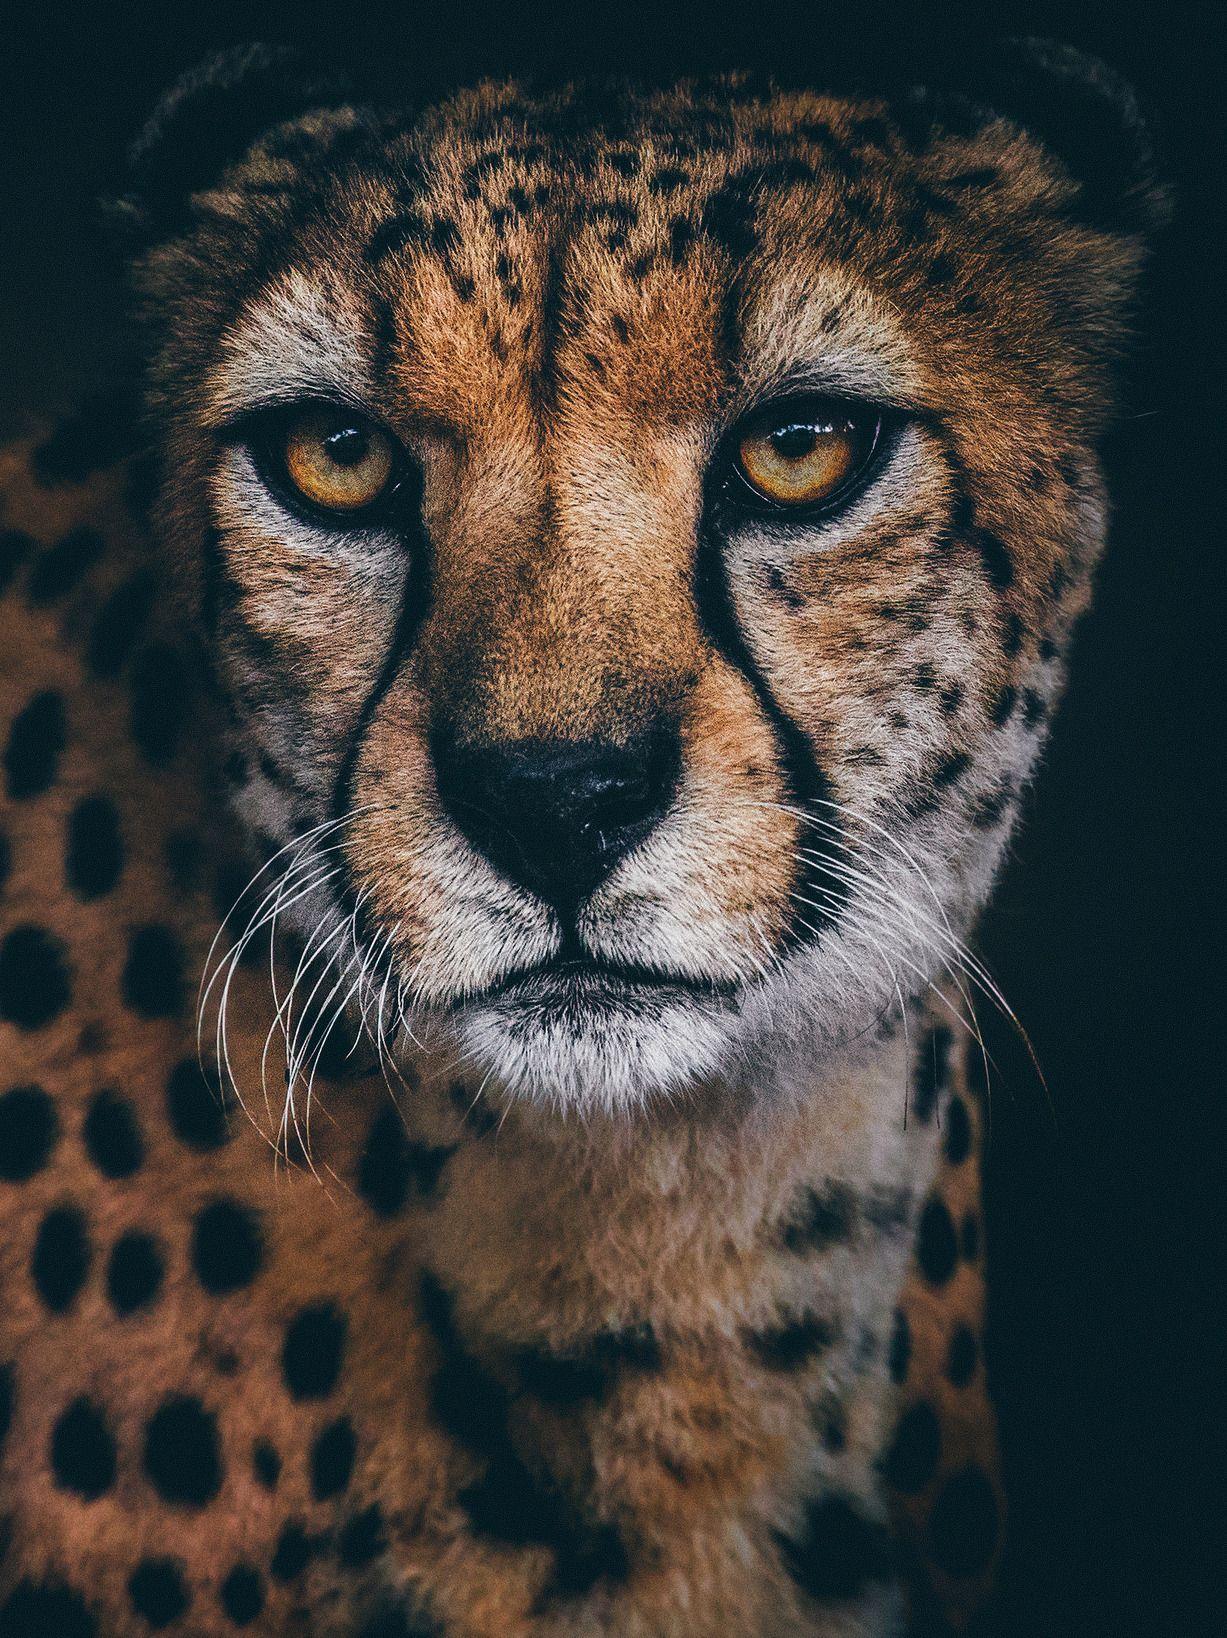 Cheetah Portrait By Paul E M Big Cat Tattoo Cheetah Tattoo